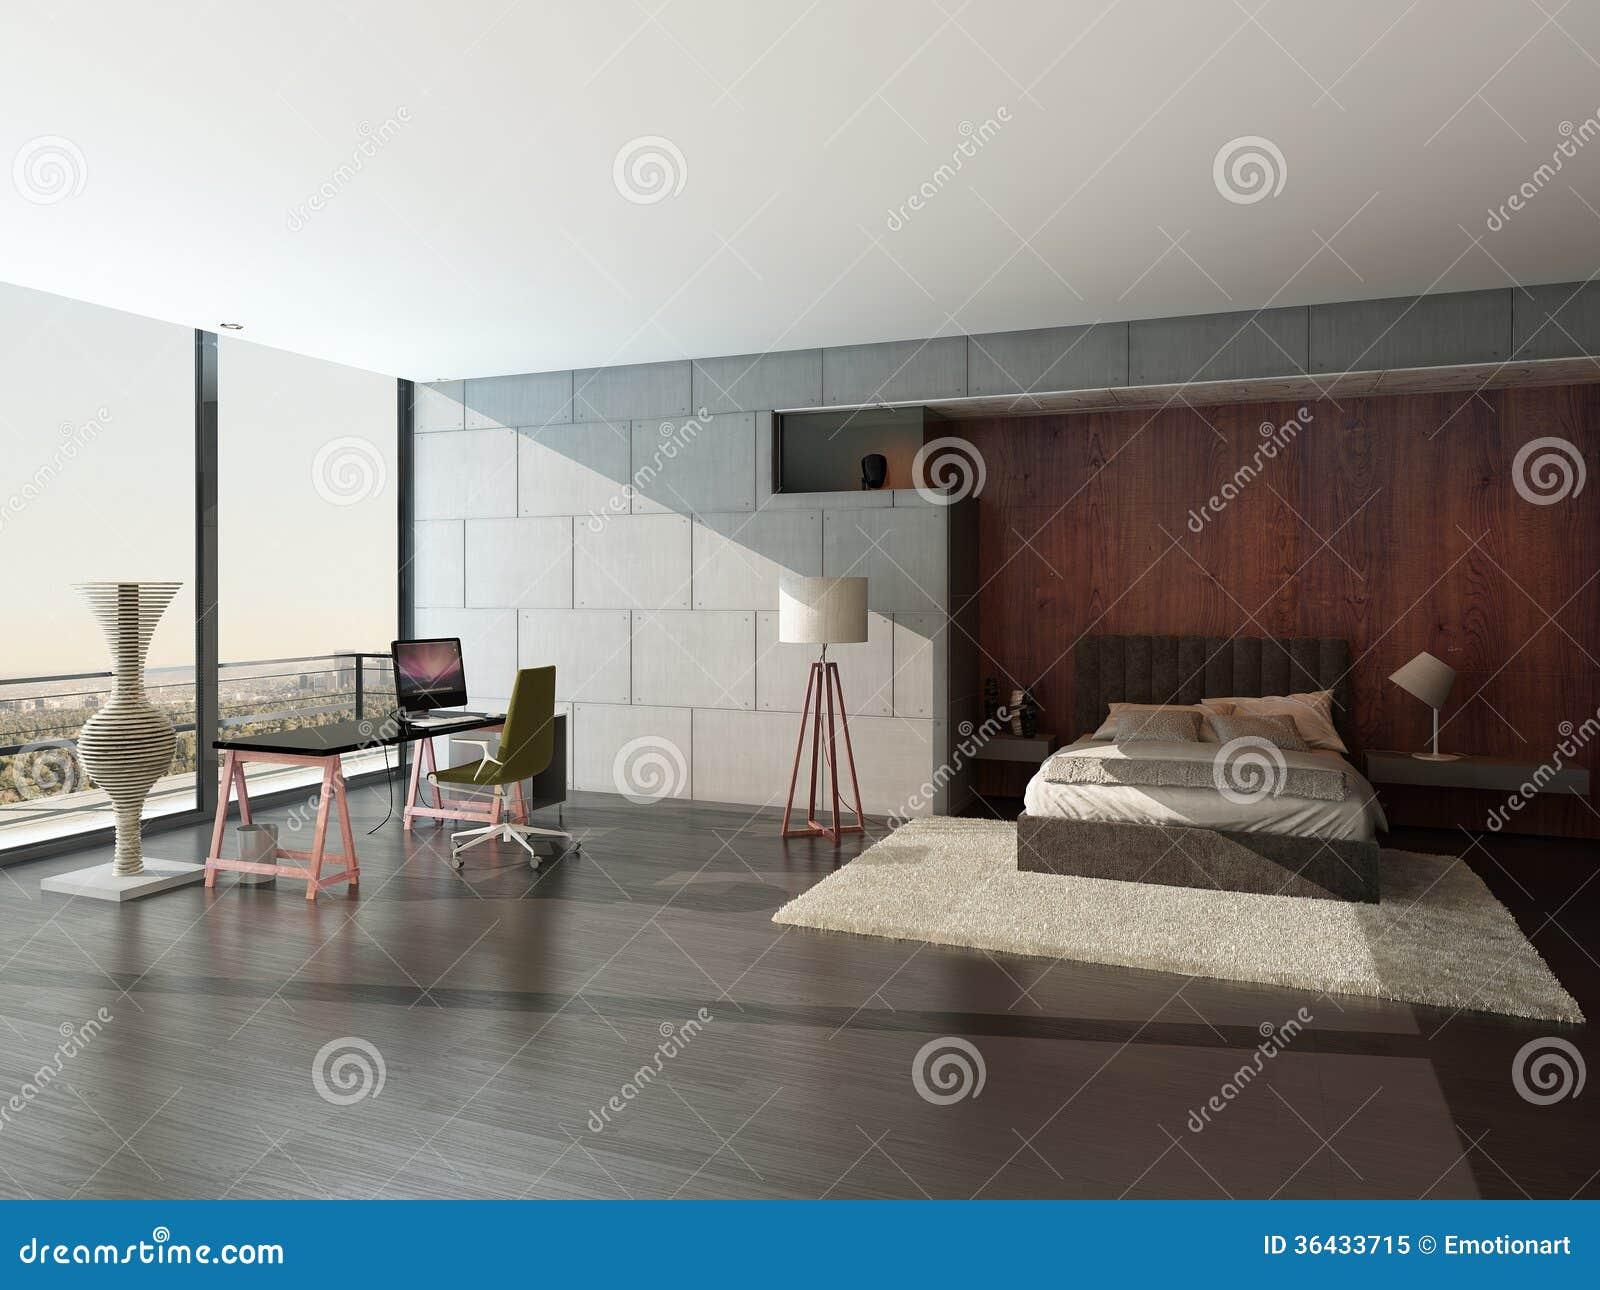 Pareti con muri in pietra a vista - Camera da letto con parete in pietra ...